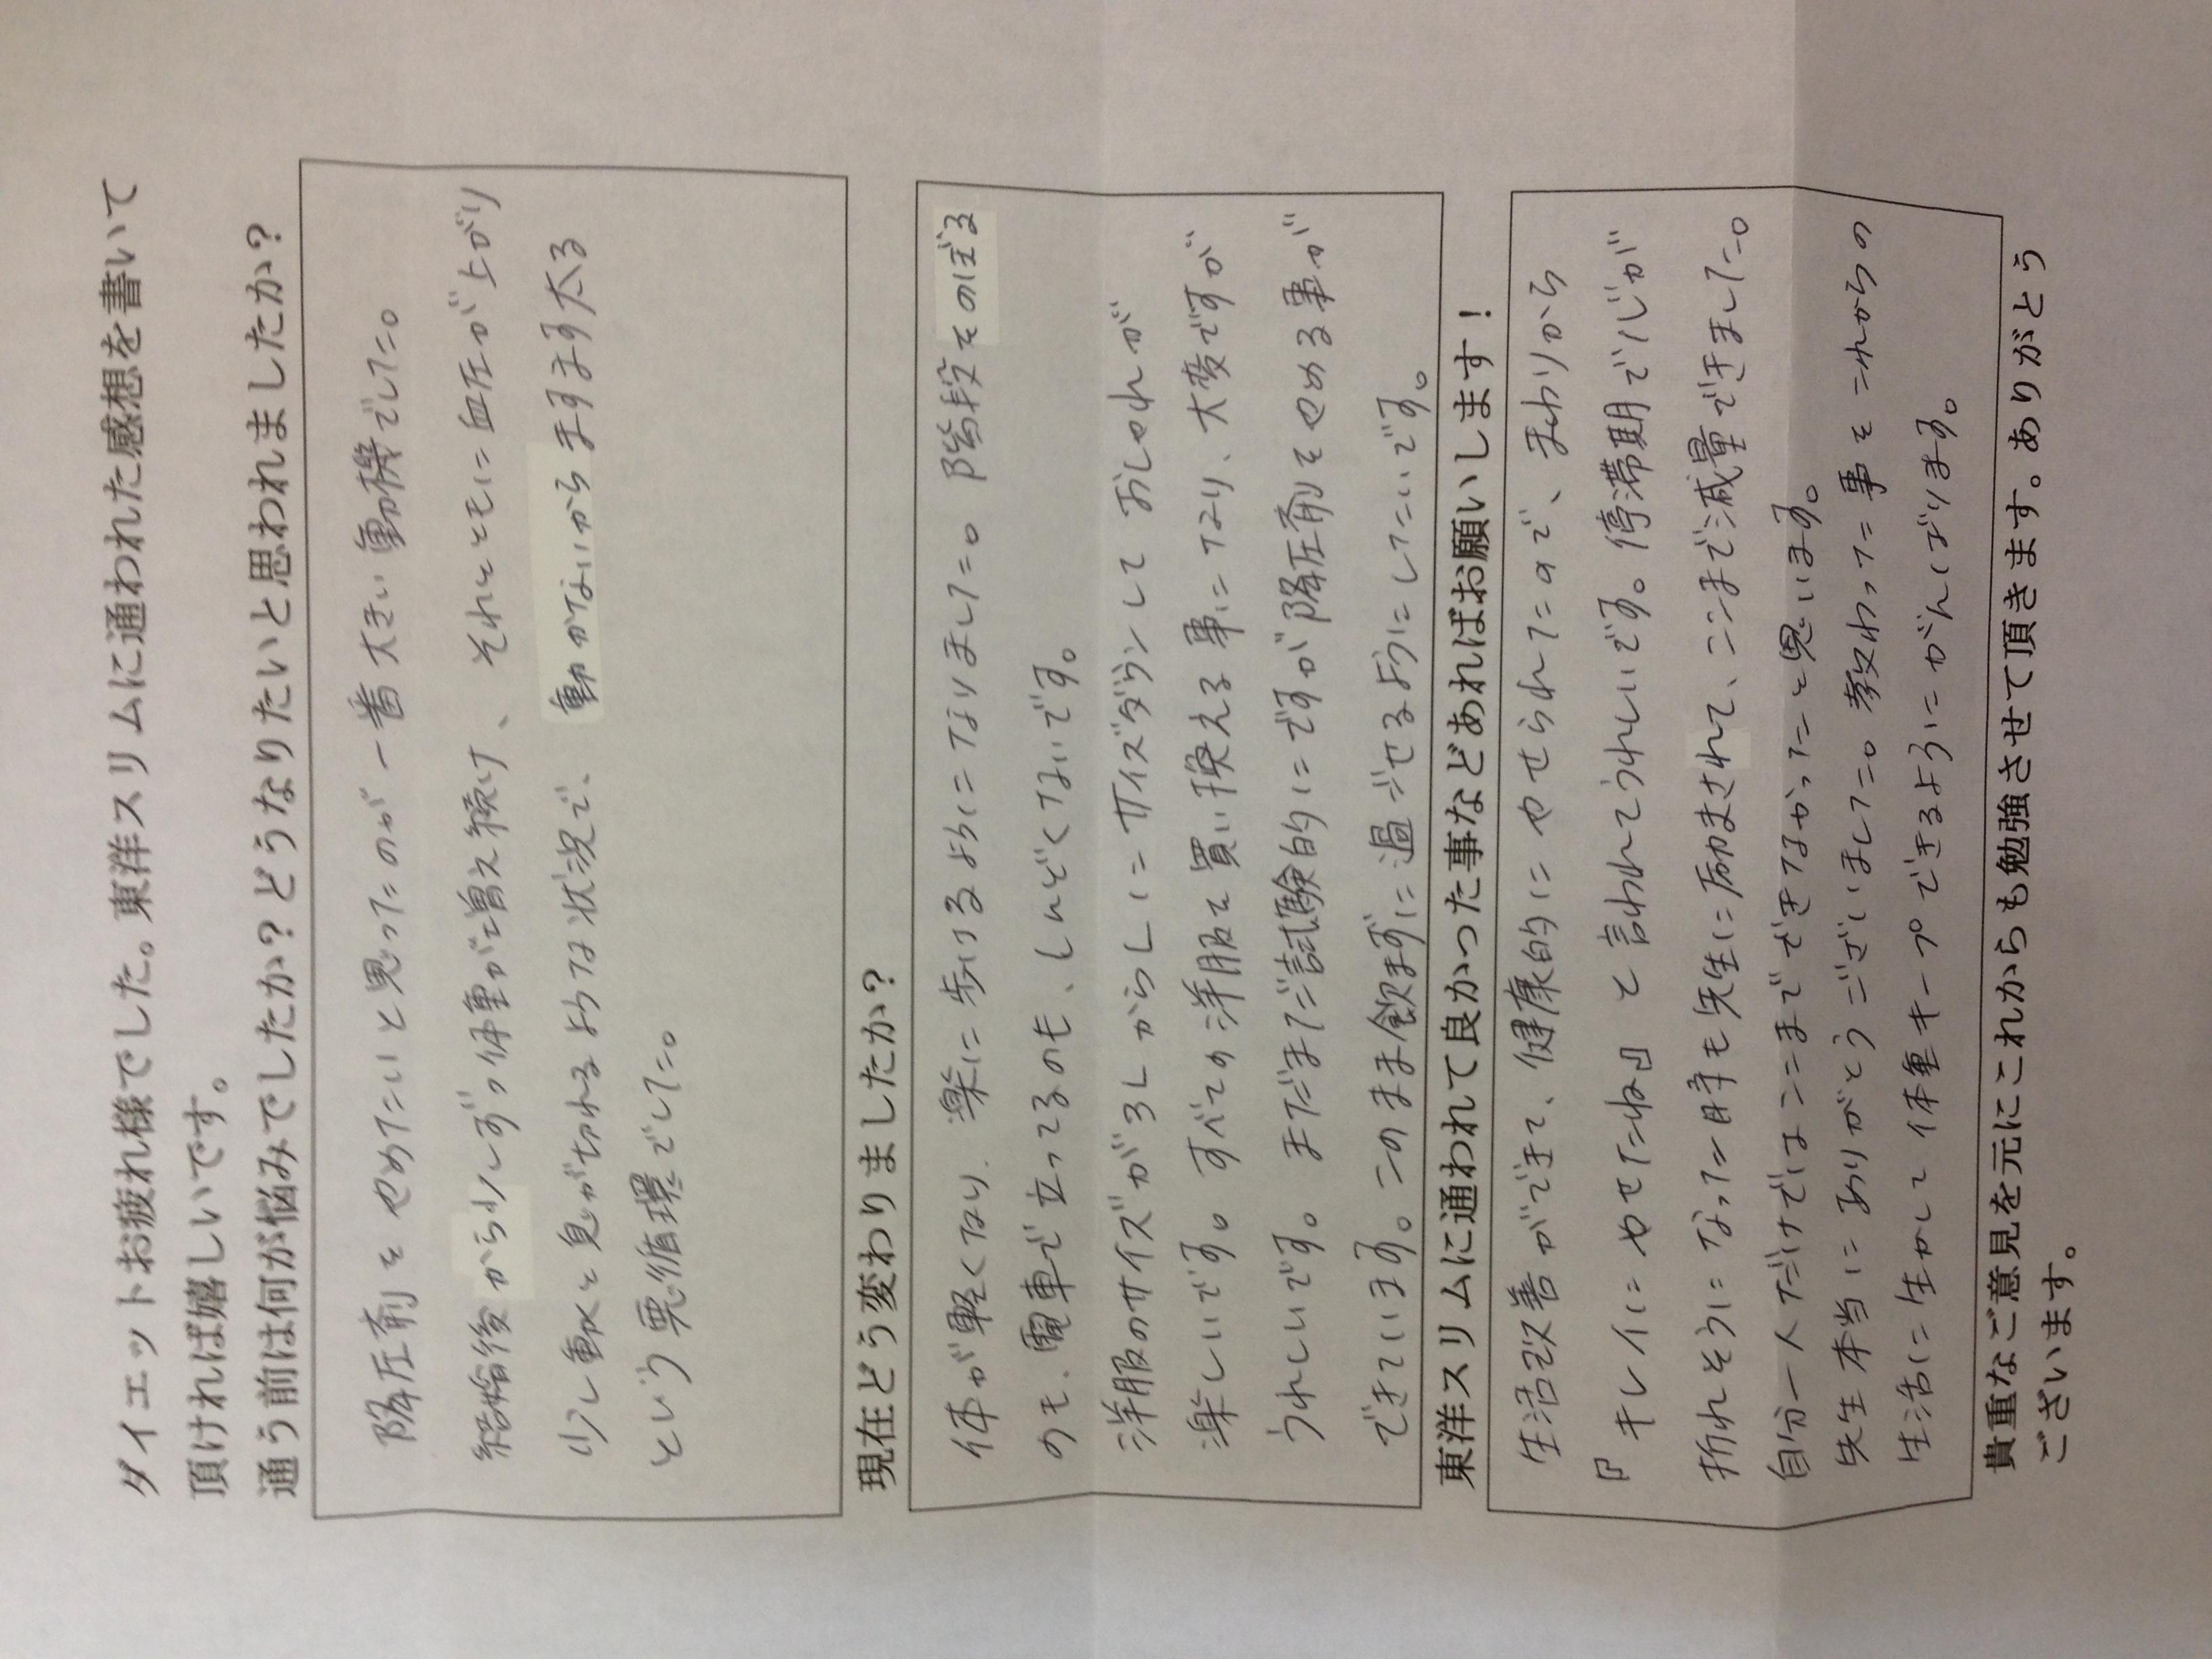 藤井寺市Kさん耳つぼダイエットでー22kg成功。降圧剤を止める事が出来た。